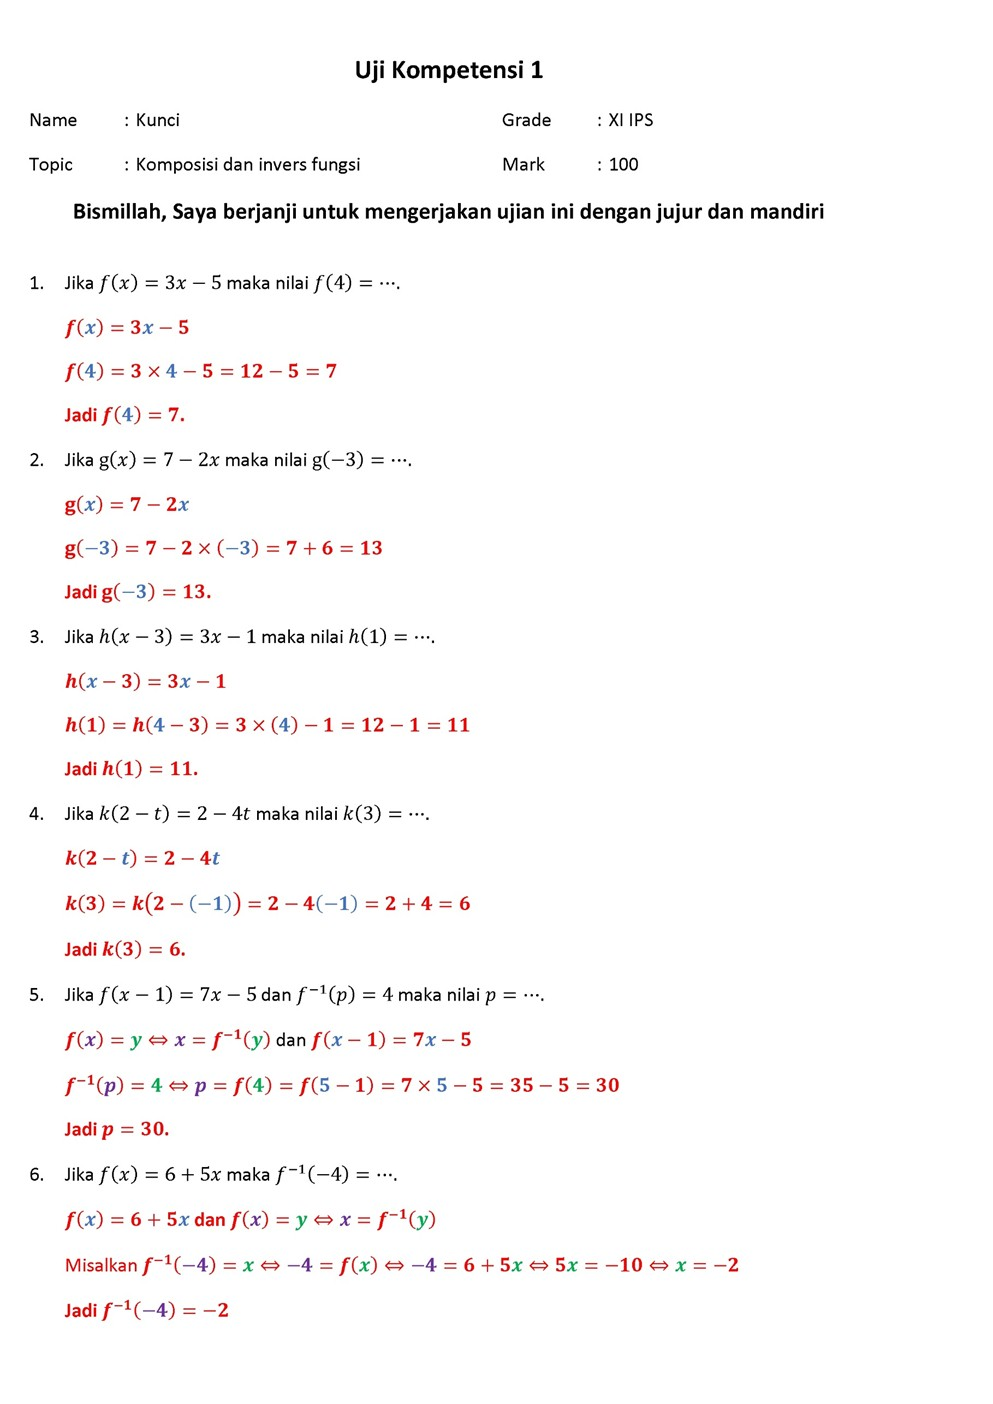 Soal Matematika Wajib Kelas 11 Semester 1 Dan Pembahasannya Kunci Dunia